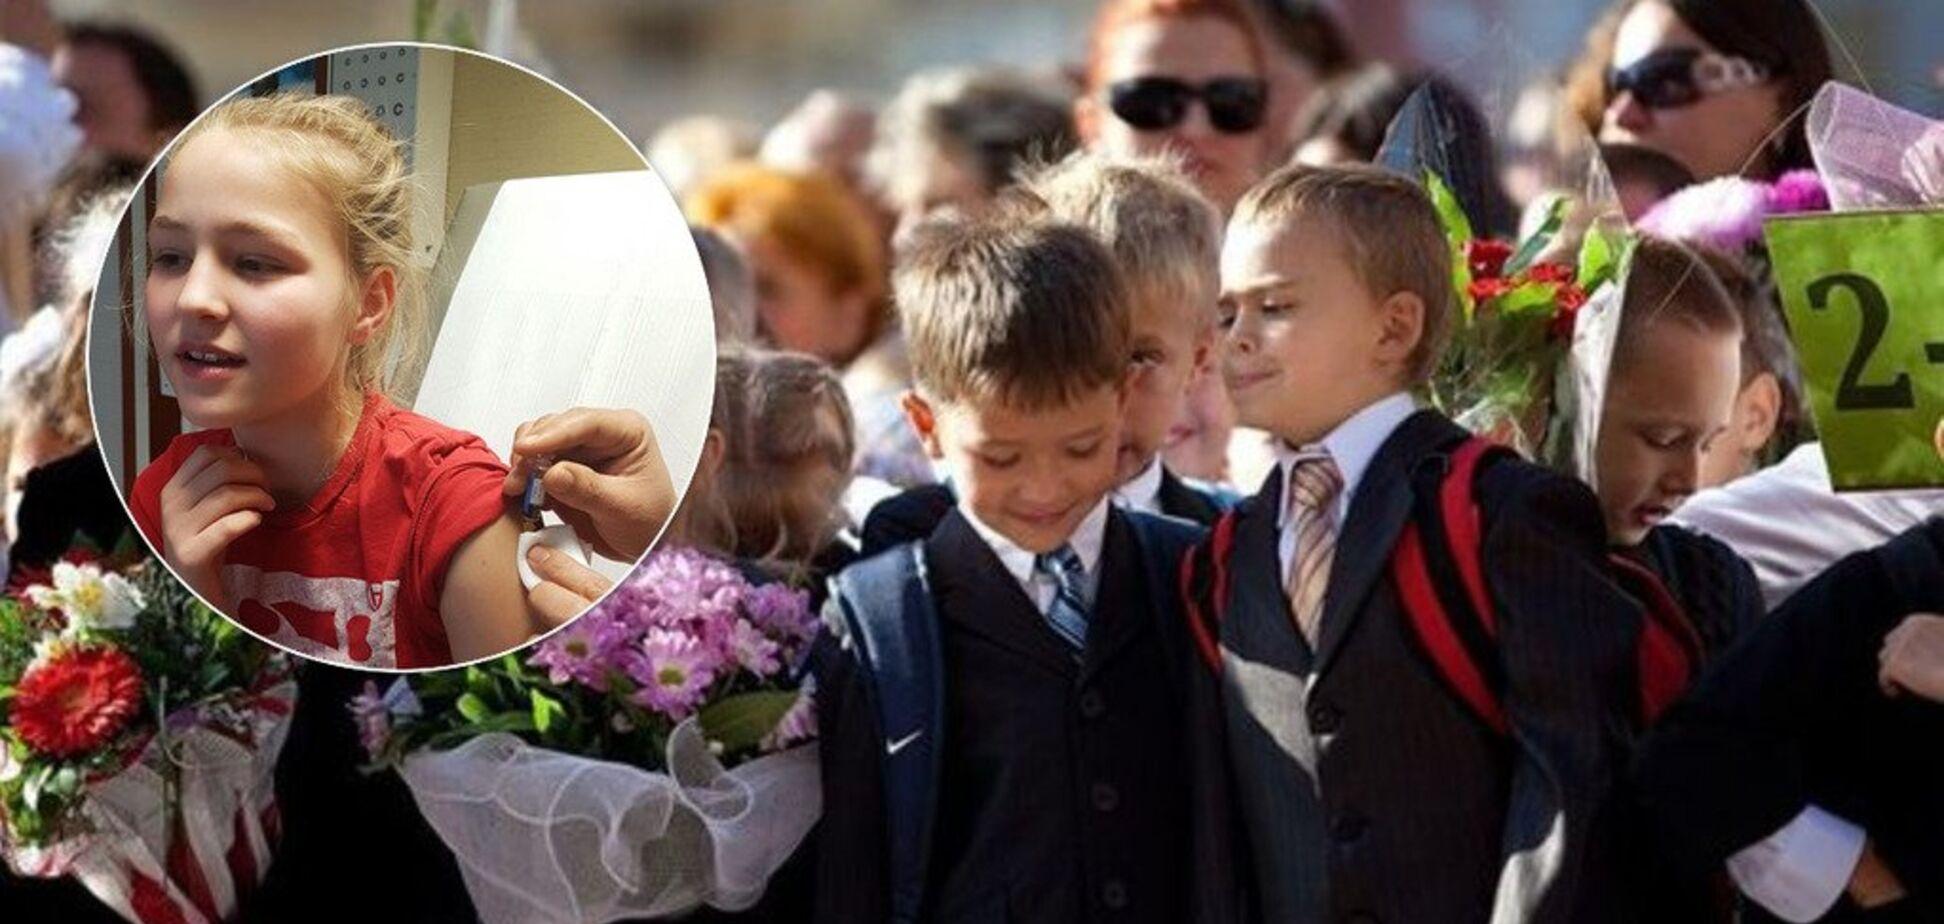 Уже с 1 октября: как в украинском городе из-за прививок запретят ходить в школу